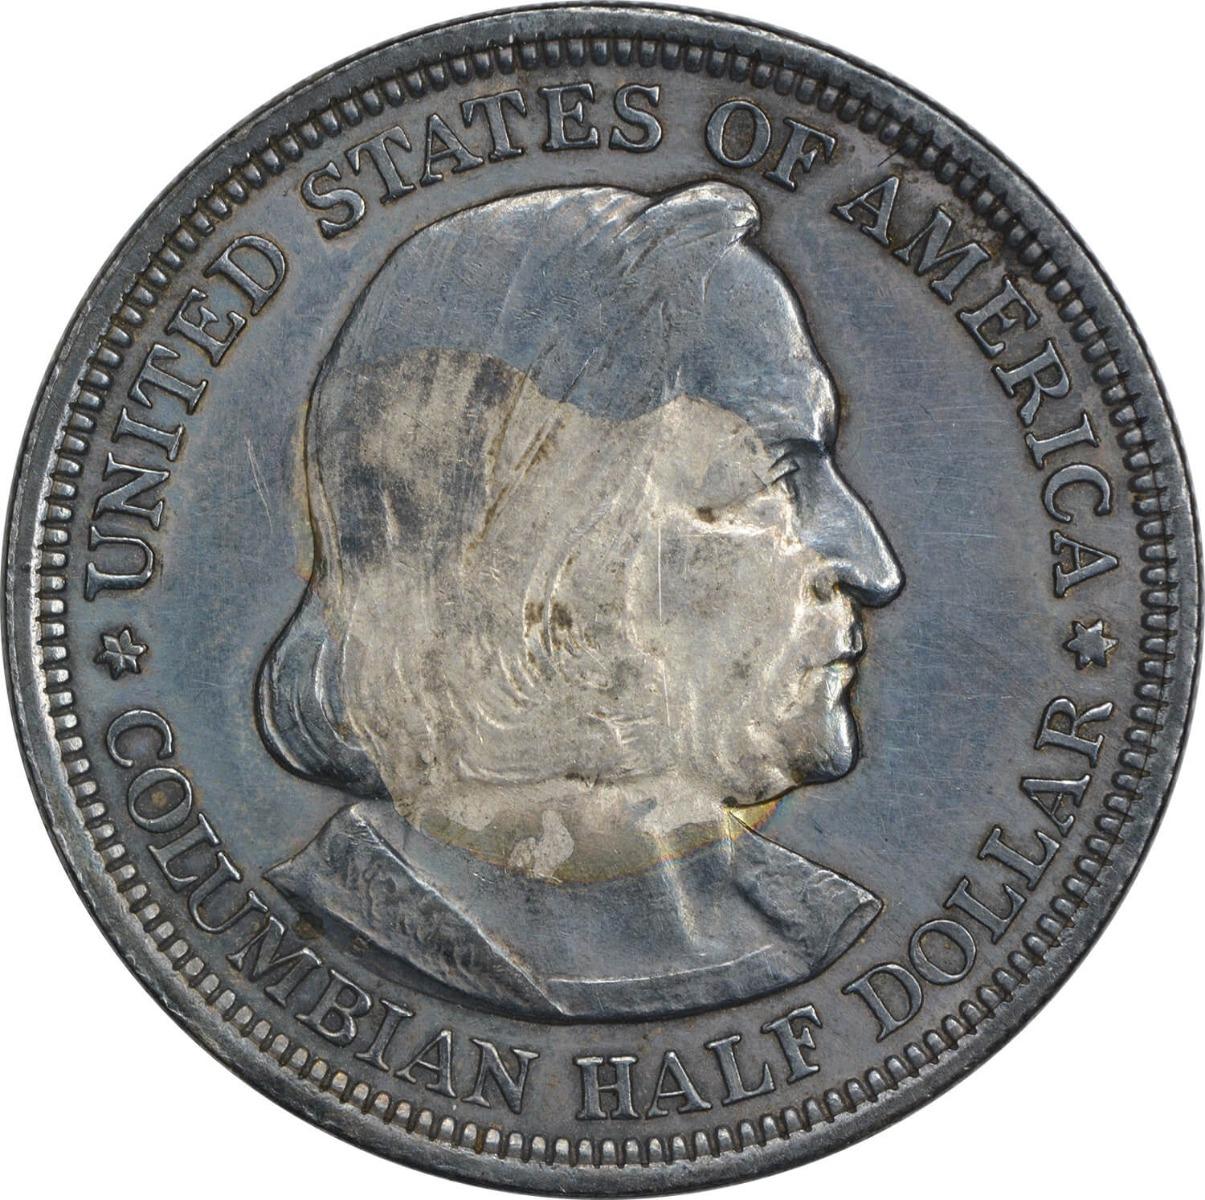 Columbian Commemorative Half Dollar 1892 EF Uncertified